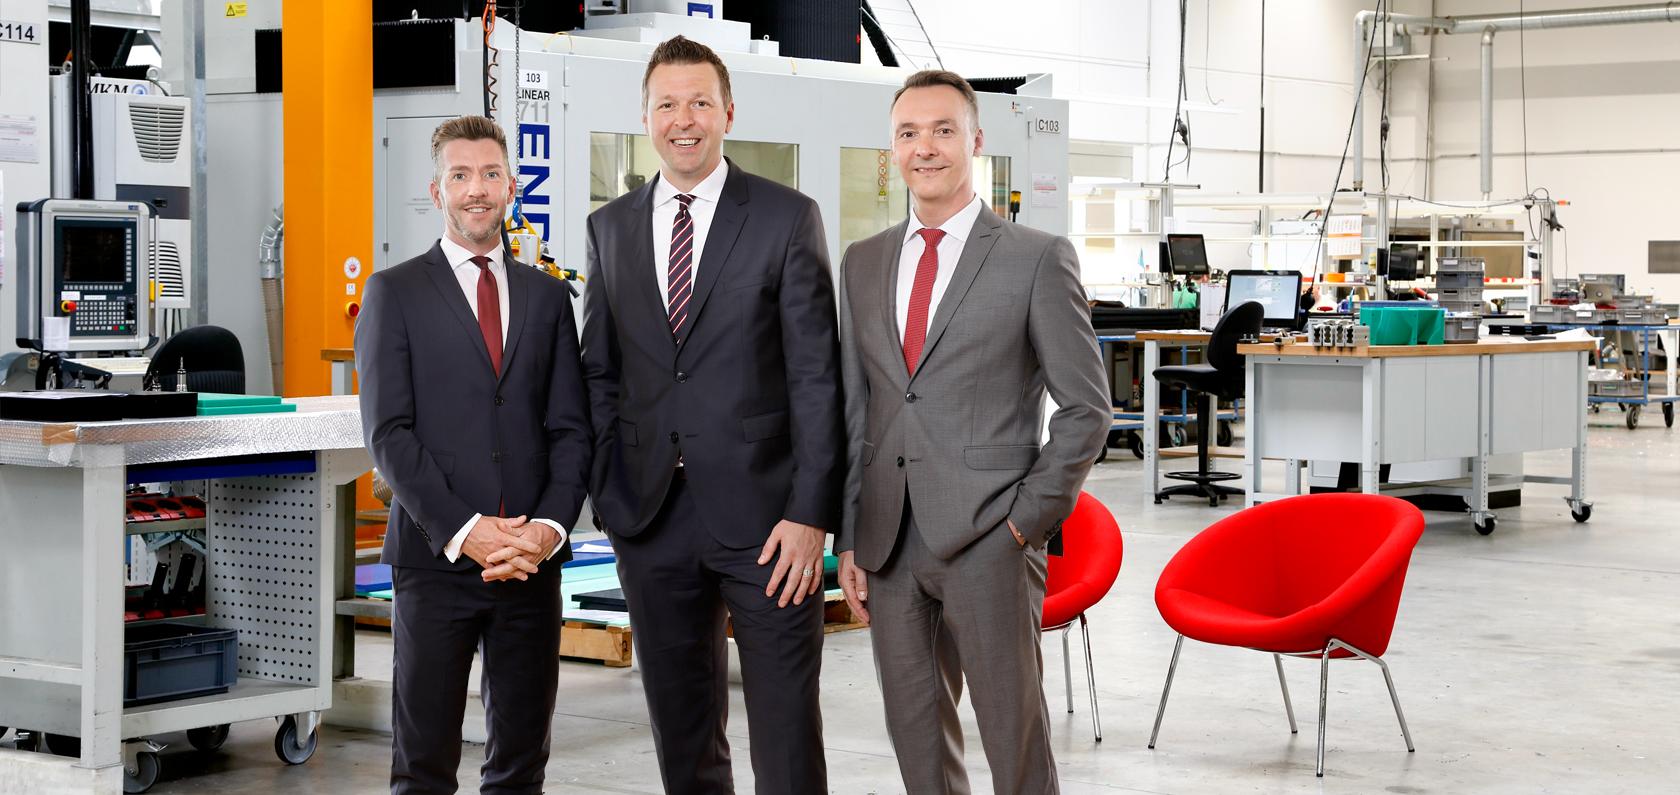 Das Team Unternehmen der S PrivateBanking Dortmund GmbH